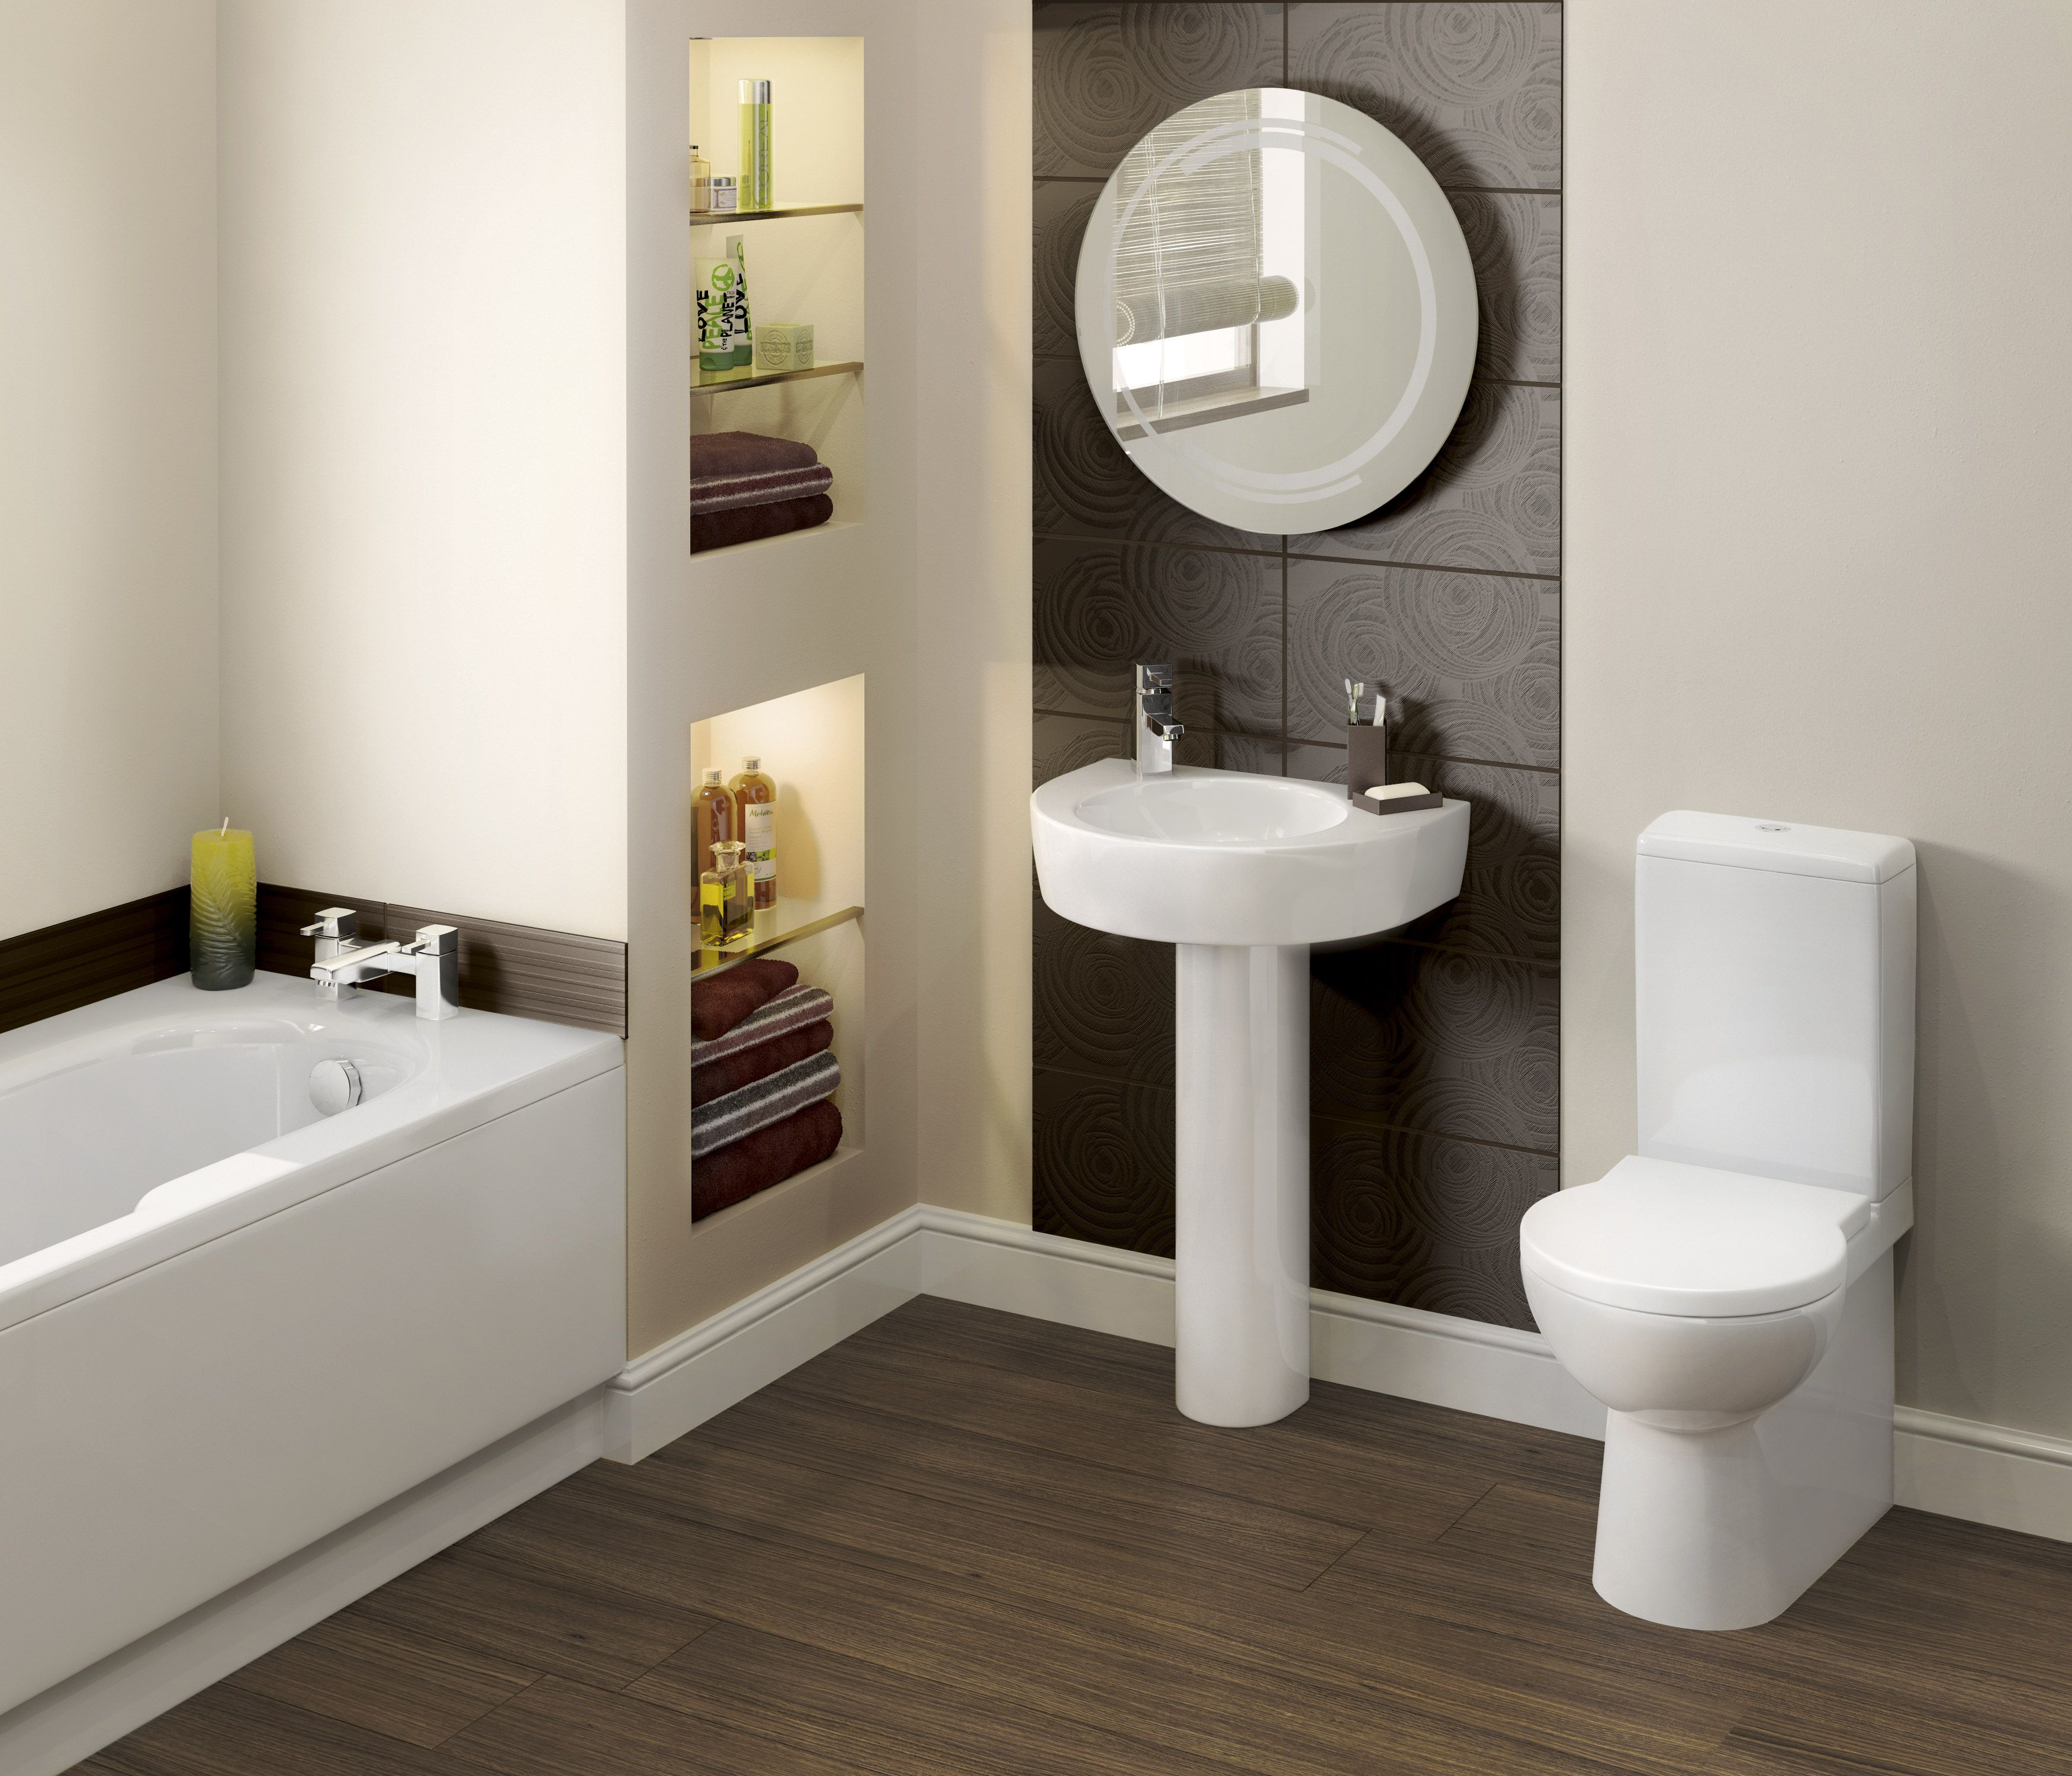 Soluciones Para un Cuarto de Baño Pequeño | baños en 2019 | Master ...